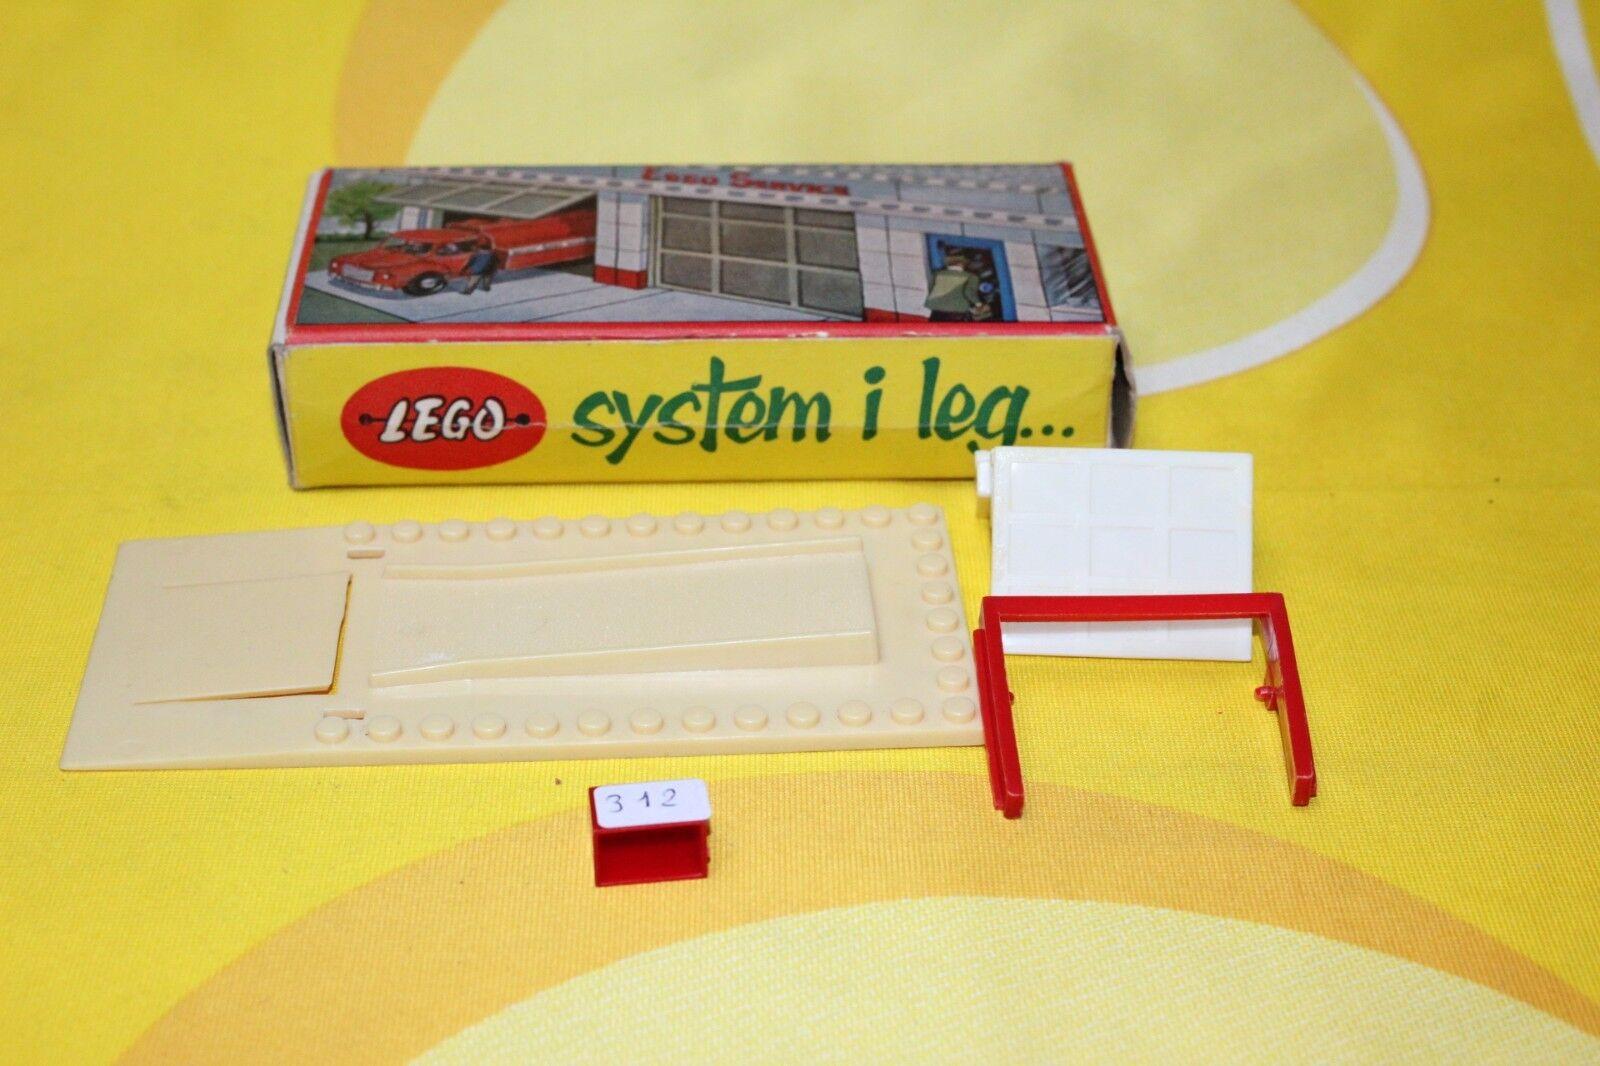 tomamos a los clientes como nuestro dios LEGO GARAGE GARAGE GARAGE 5 HELAUTOMATISKE VIPPEPORT DESS  SYSTEM I LEG  nuevo estilo